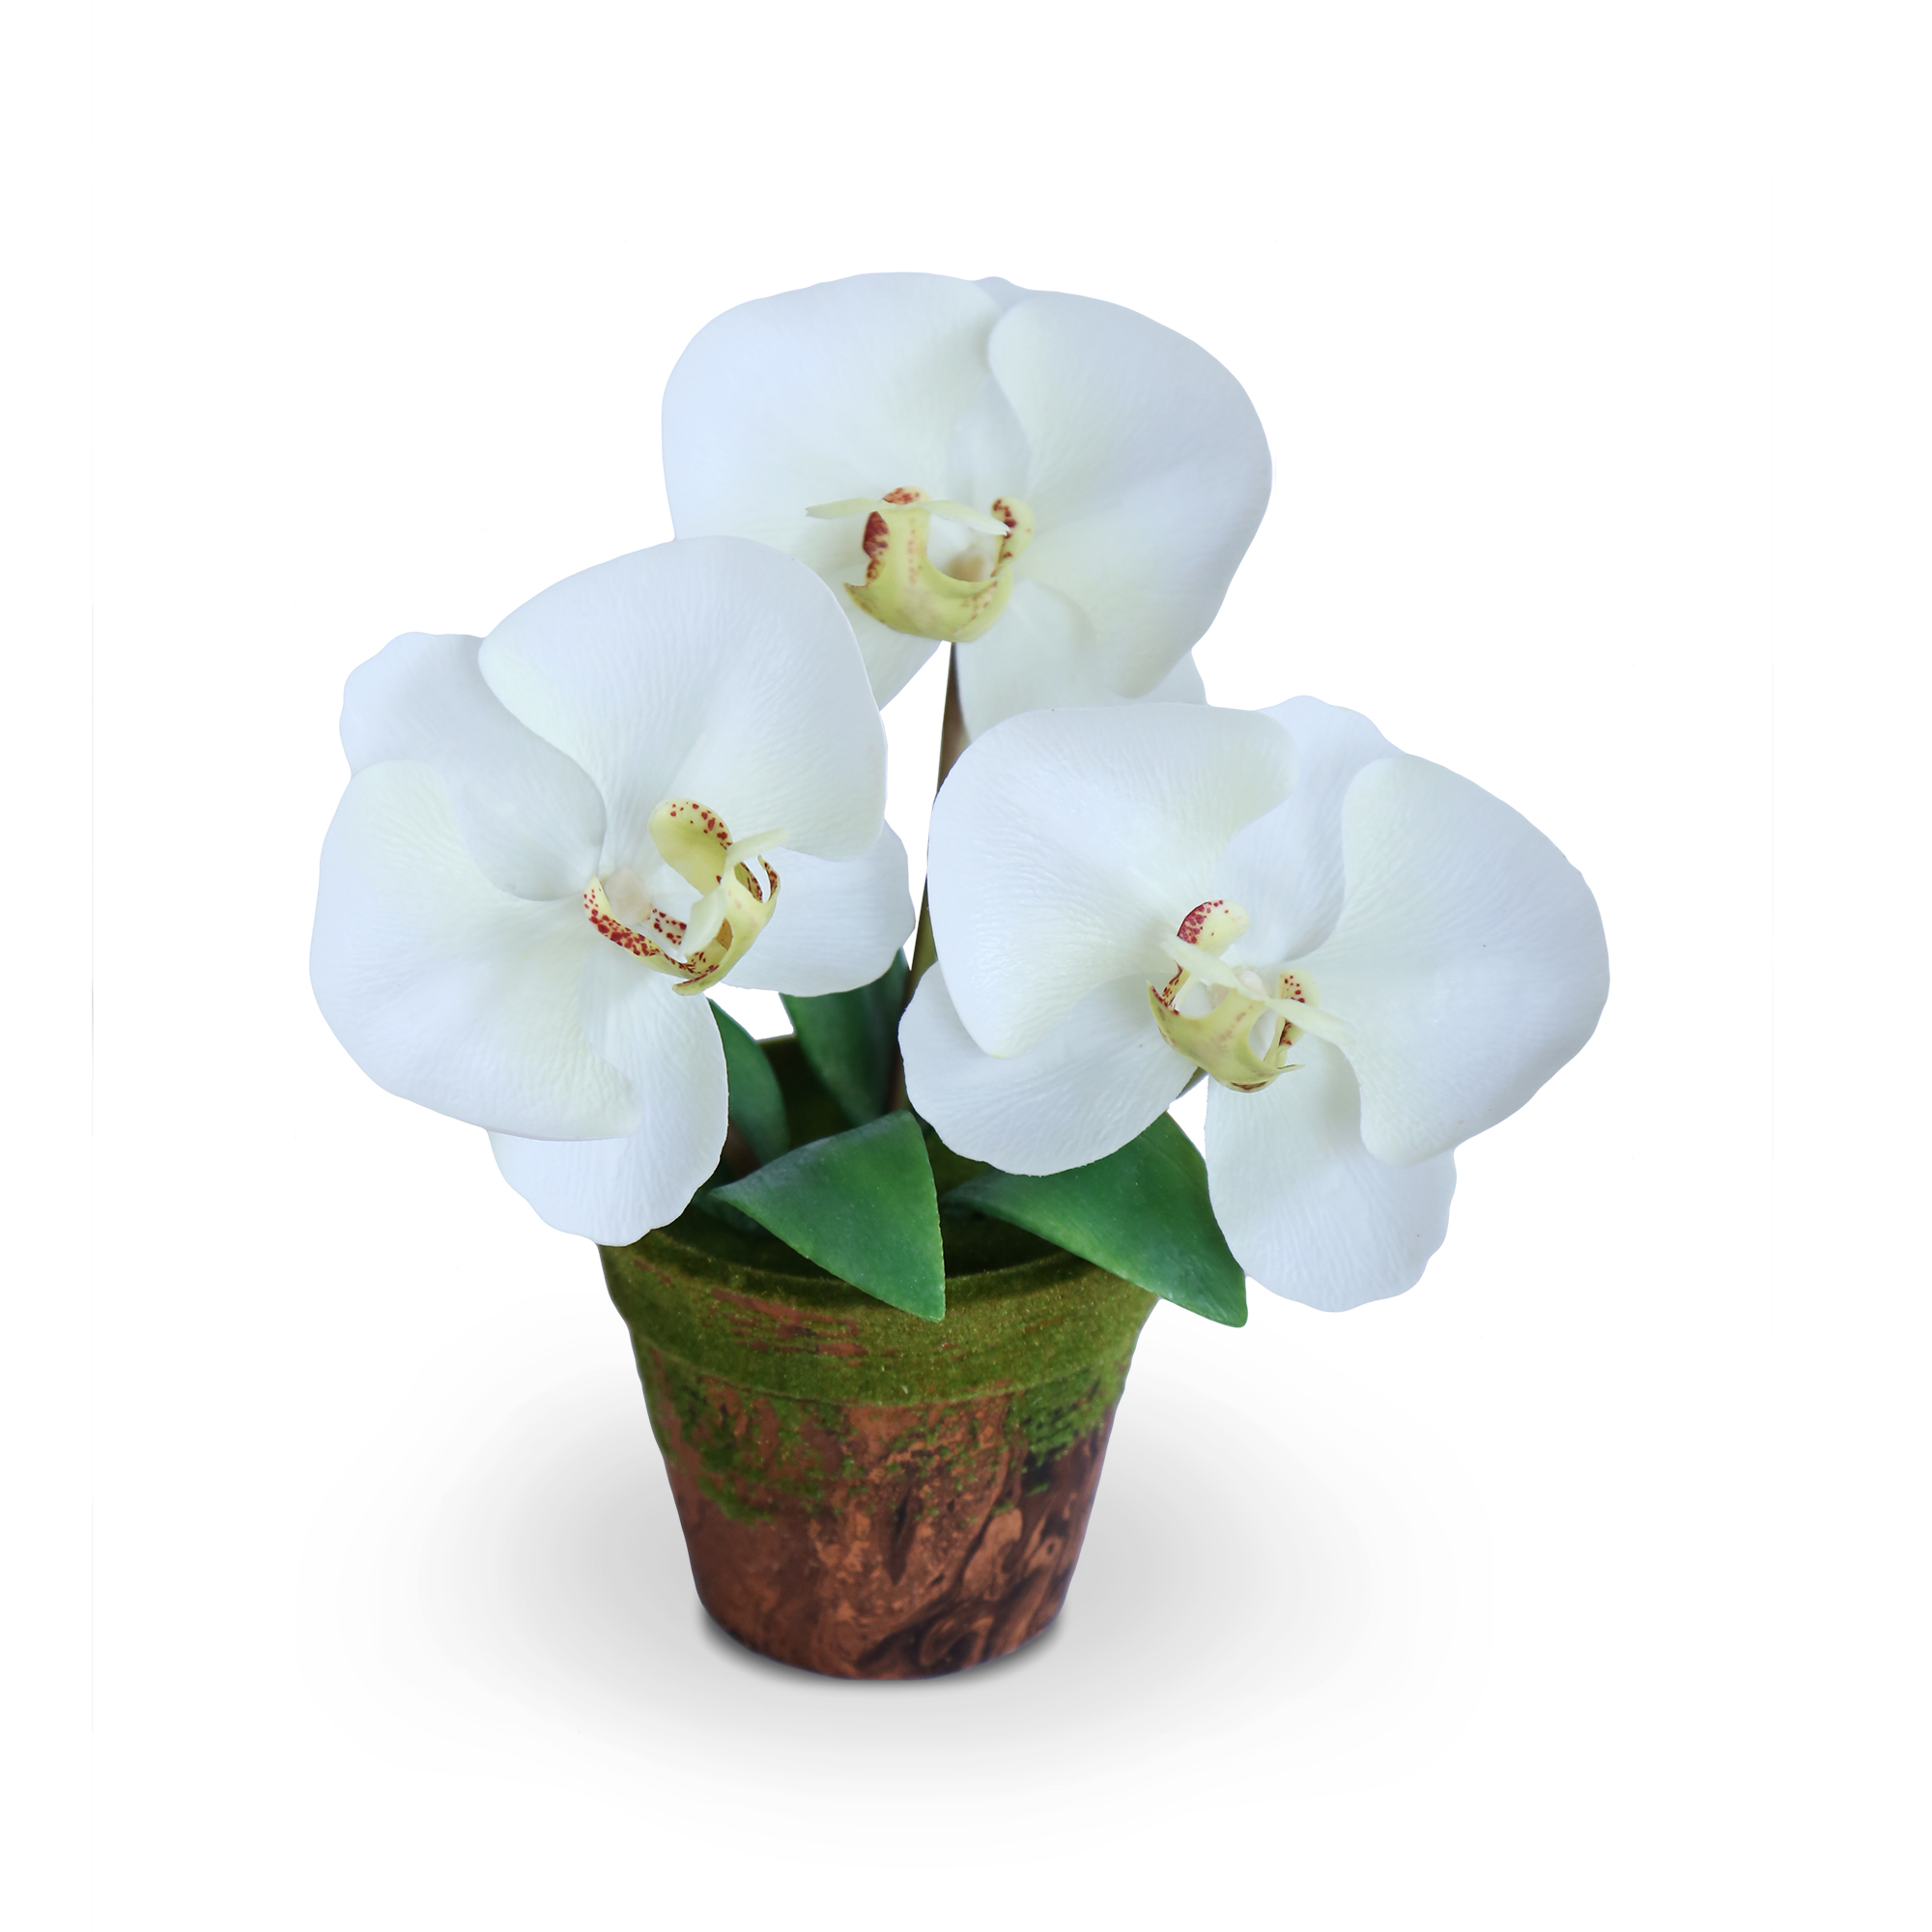 แจกันดอกไม้ประดิษฐ์ ฟาแลนนอฟซิส สีขาวครีม ขนาดกระทัดลัดเหมาะสำหรับตกแต่งโต๊ะ หรือมุมส่วนตัวต่างๆให้ดูเป็นธรรมชาติสวยงาม